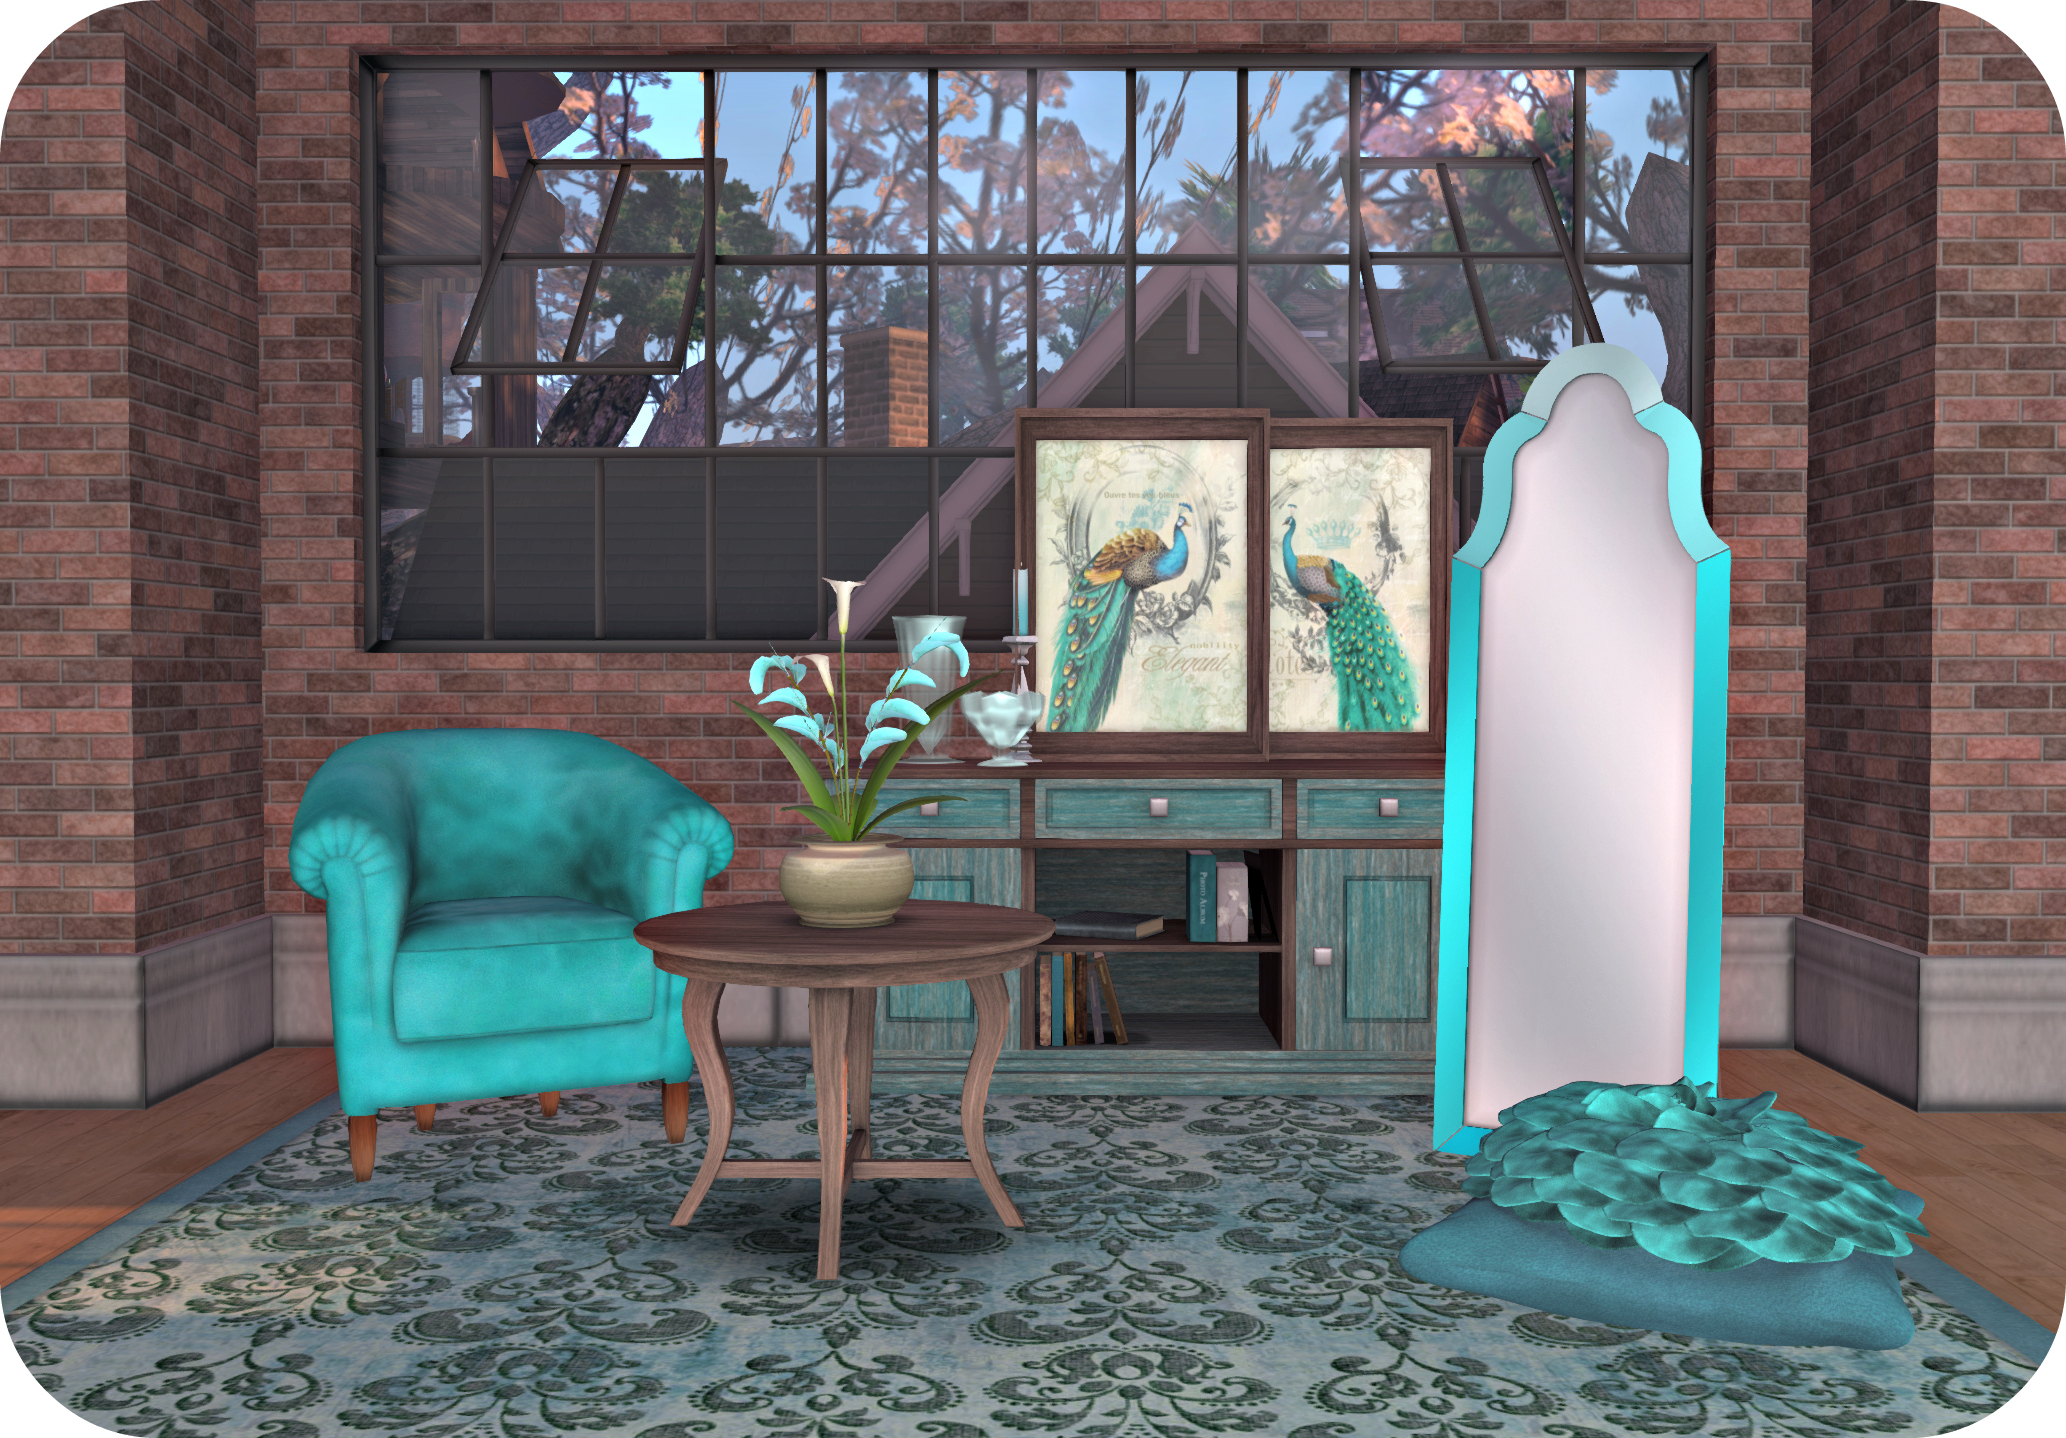 May 29th CIRCA Furniture_V2_2